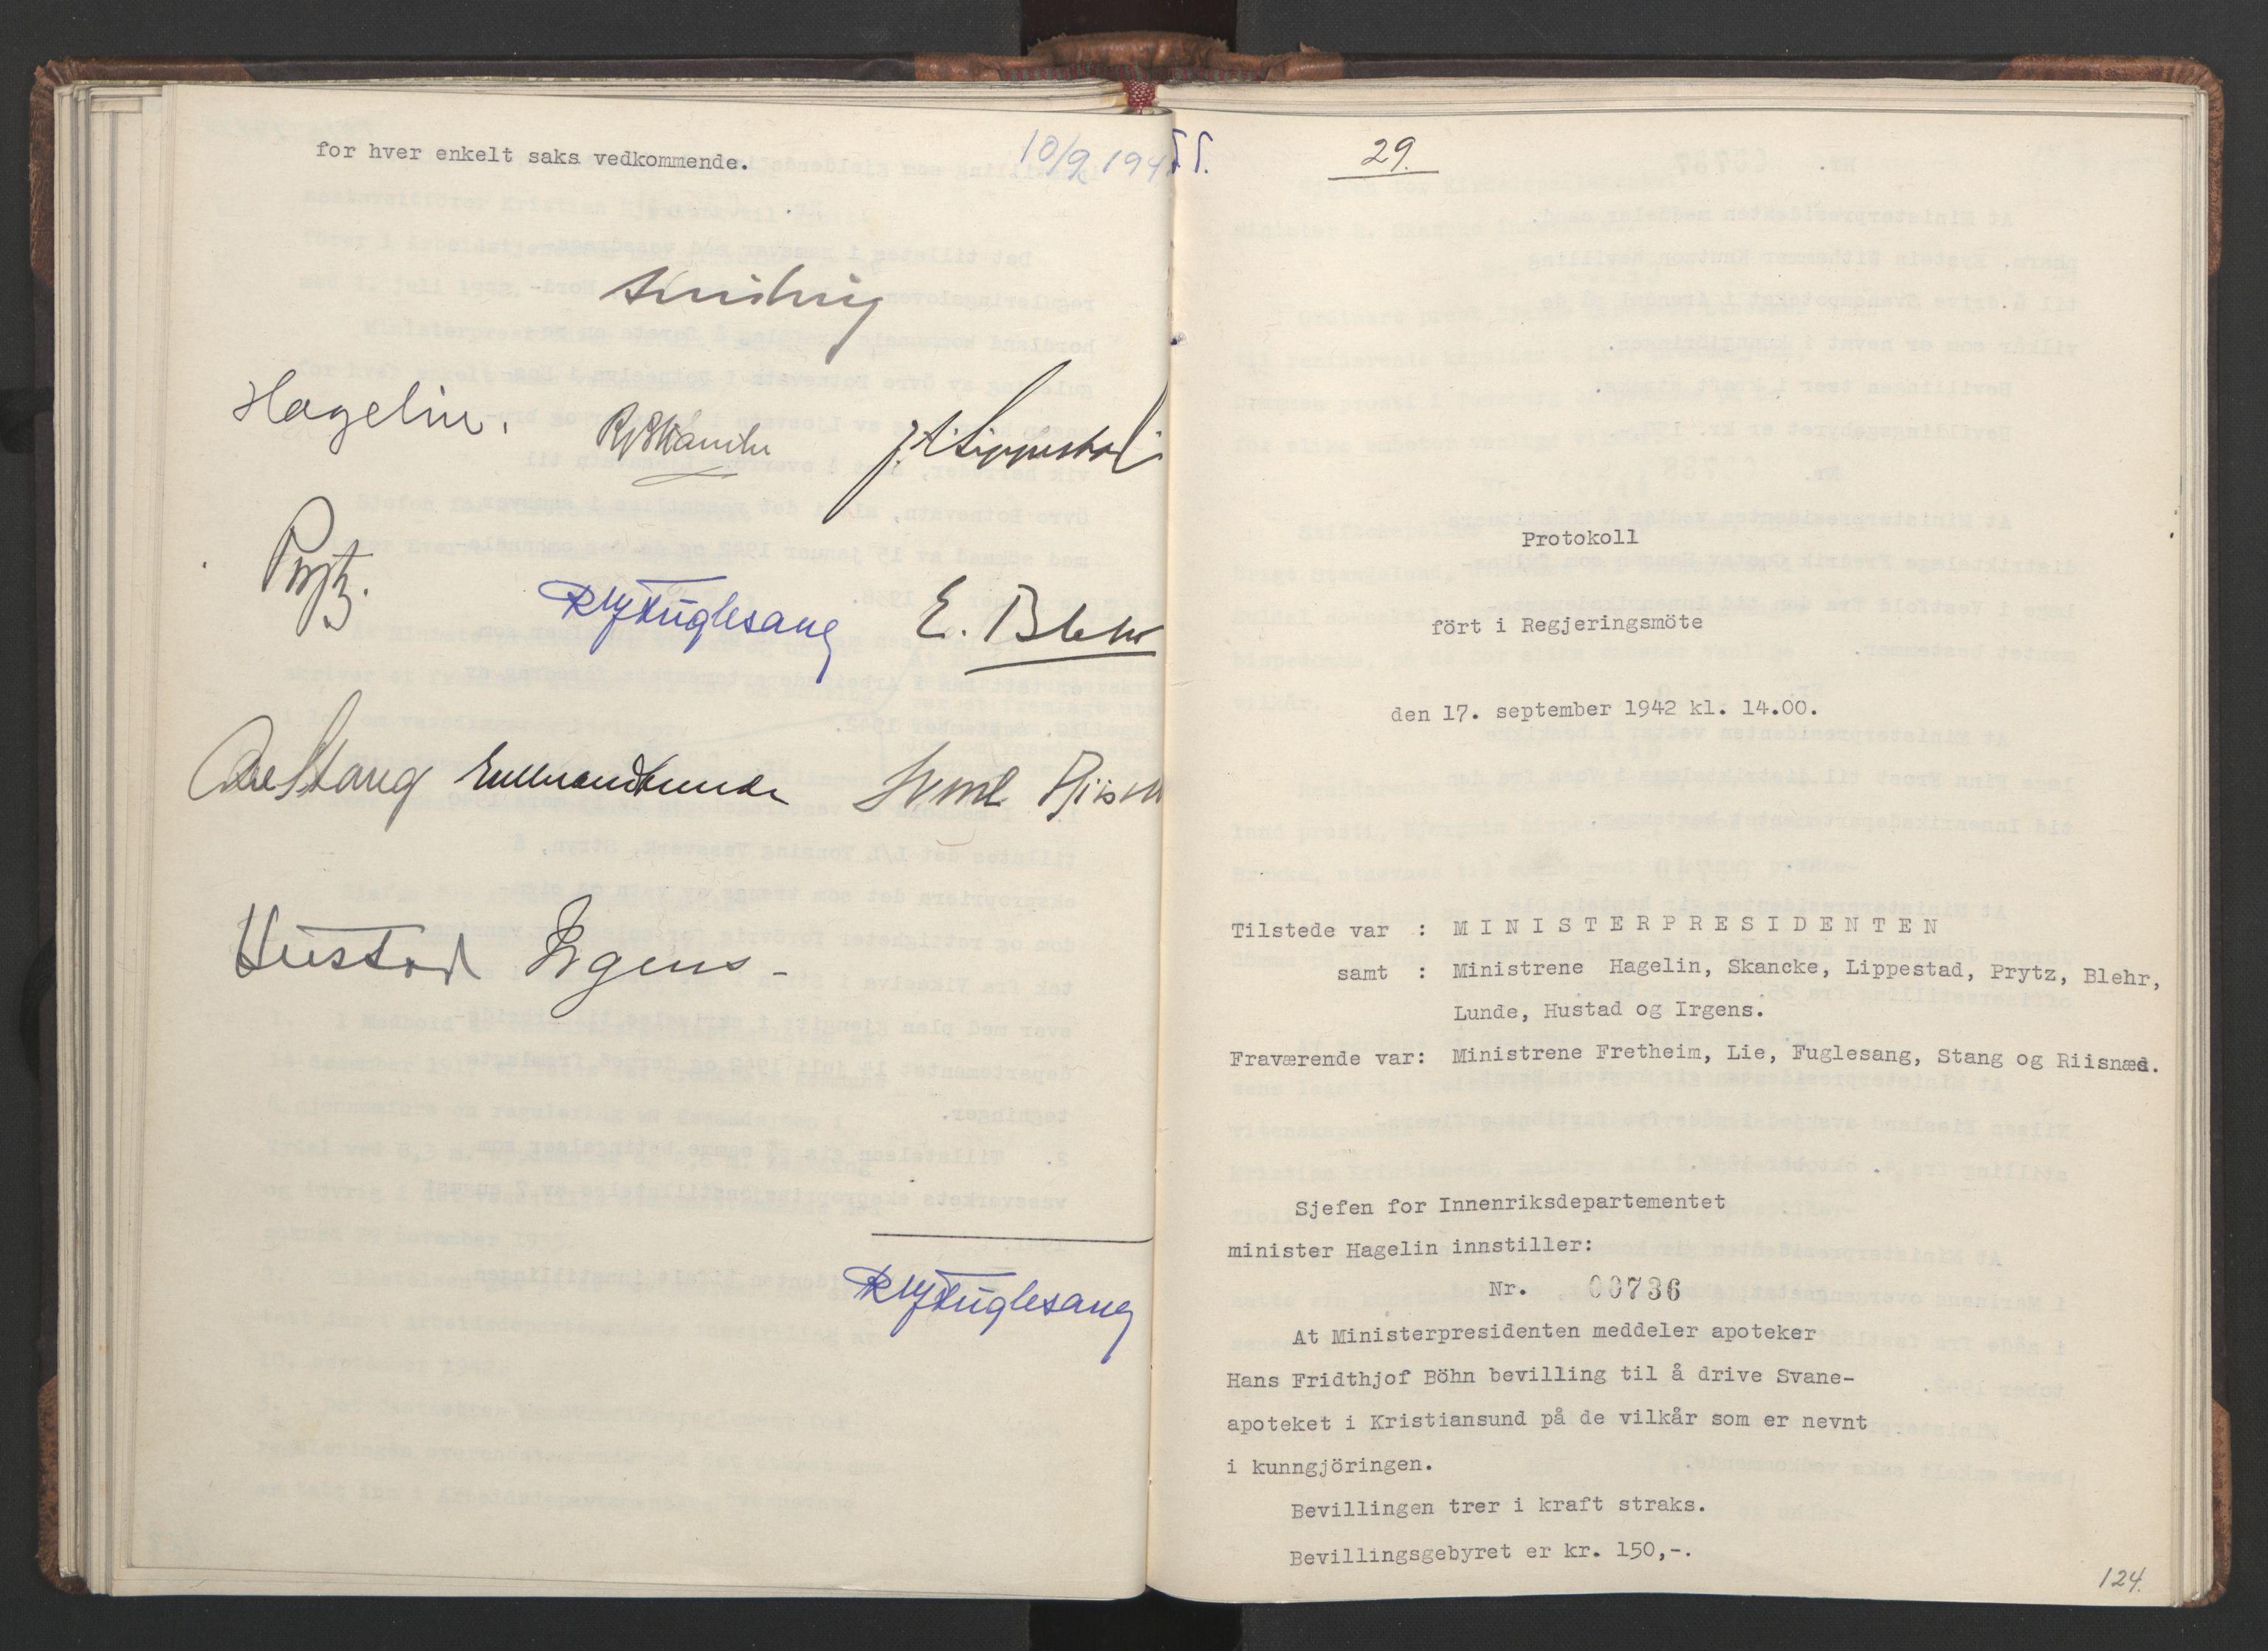 RA, NS-administrasjonen 1940-1945 (Statsrådsekretariatet, de kommisariske statsråder mm), D/Da/L0001: Beslutninger og tillegg (1-952 og 1-32), 1942, s. 123b-124a